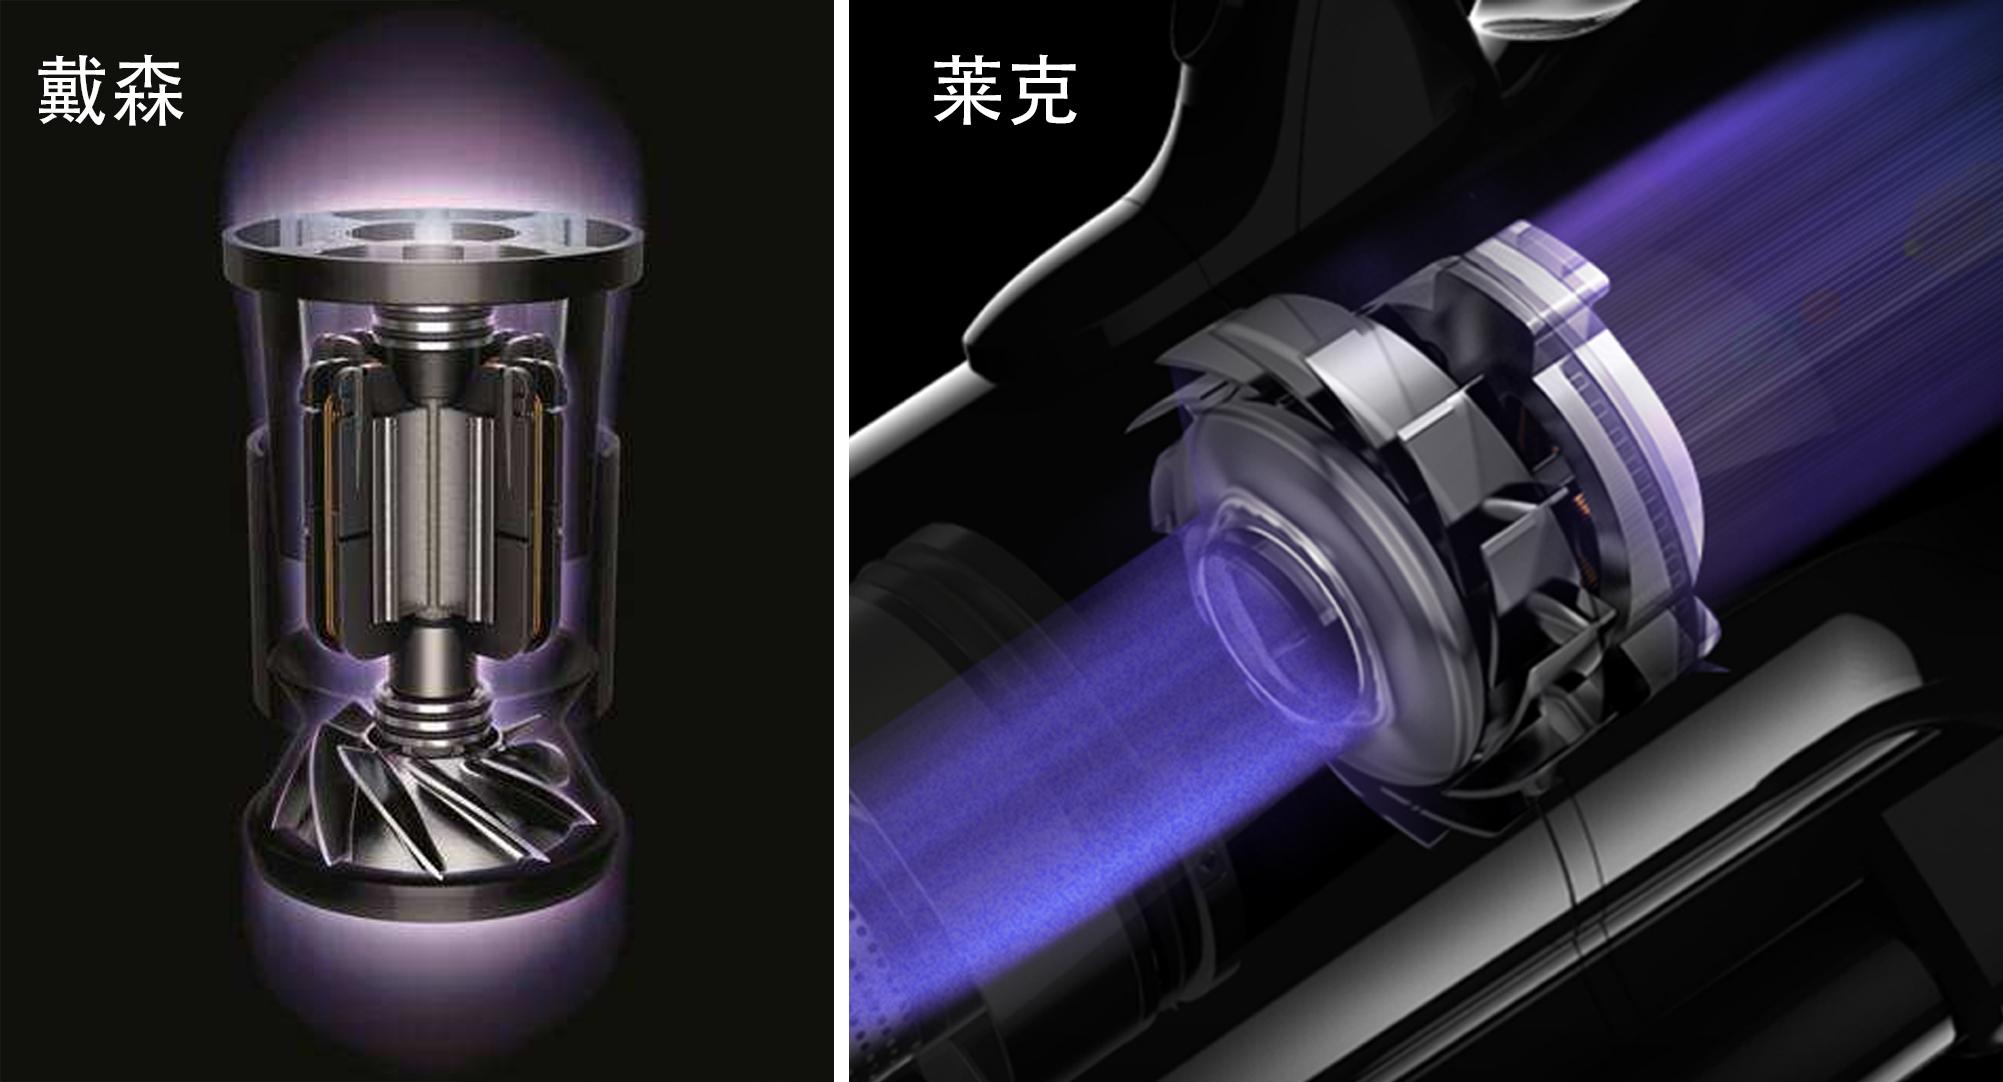 家用吸尘器哪家强,莱克魔洁M85plus和戴森V10体验测评